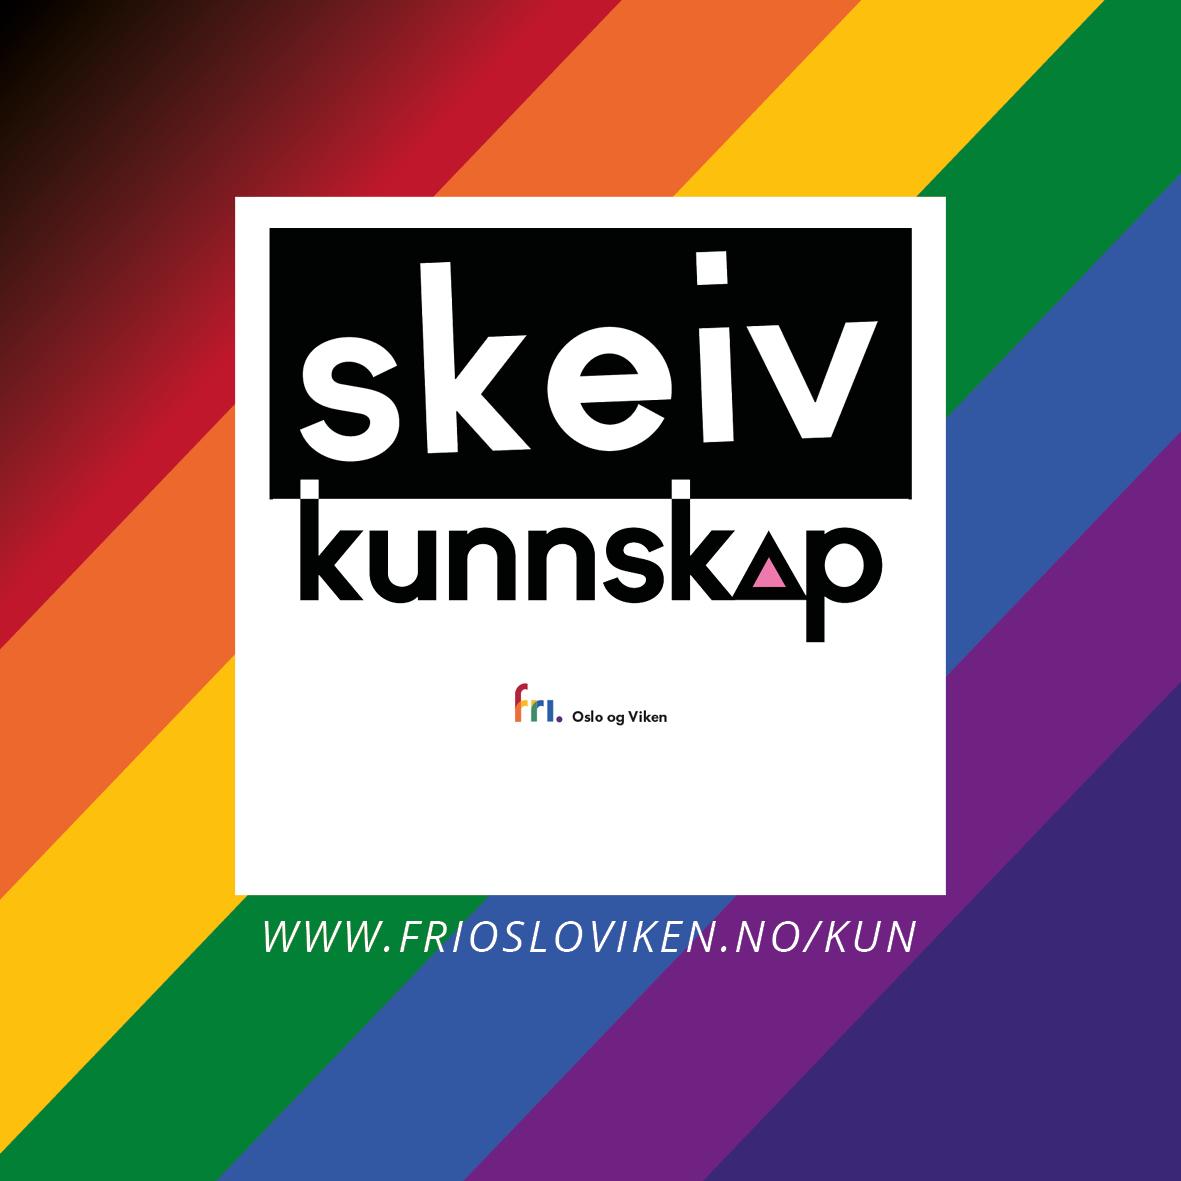 FRI Oslo og Vikens kompetansehevingsprogram, Skeiv kunnskap , for Oslo kommune.